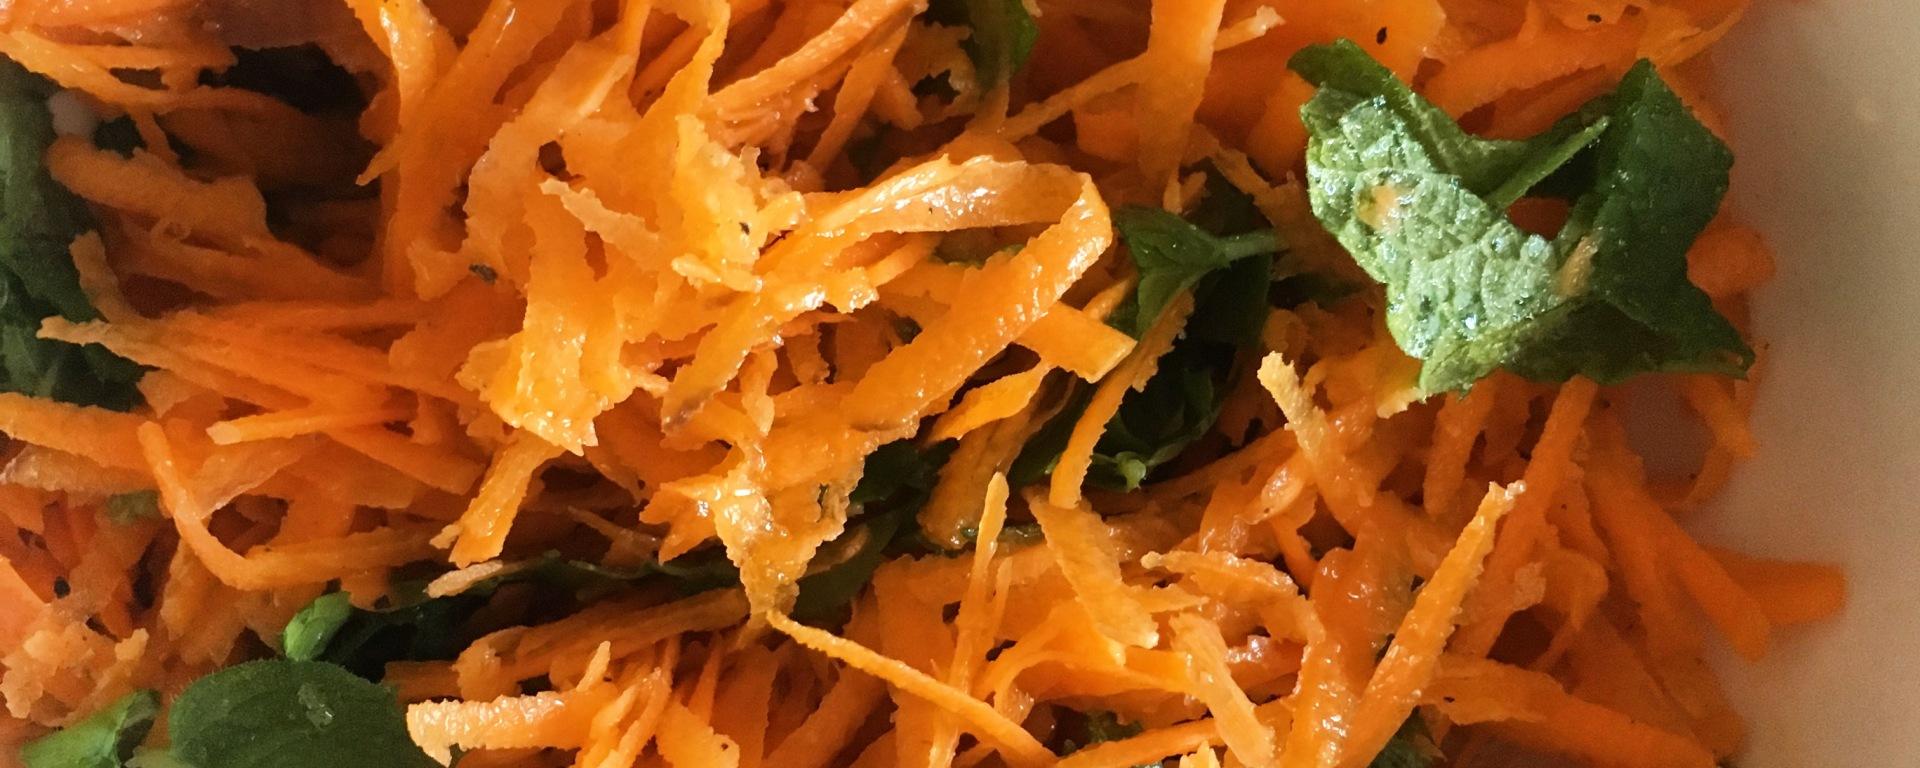 Ensalada marroquí de zanahoria y naranja